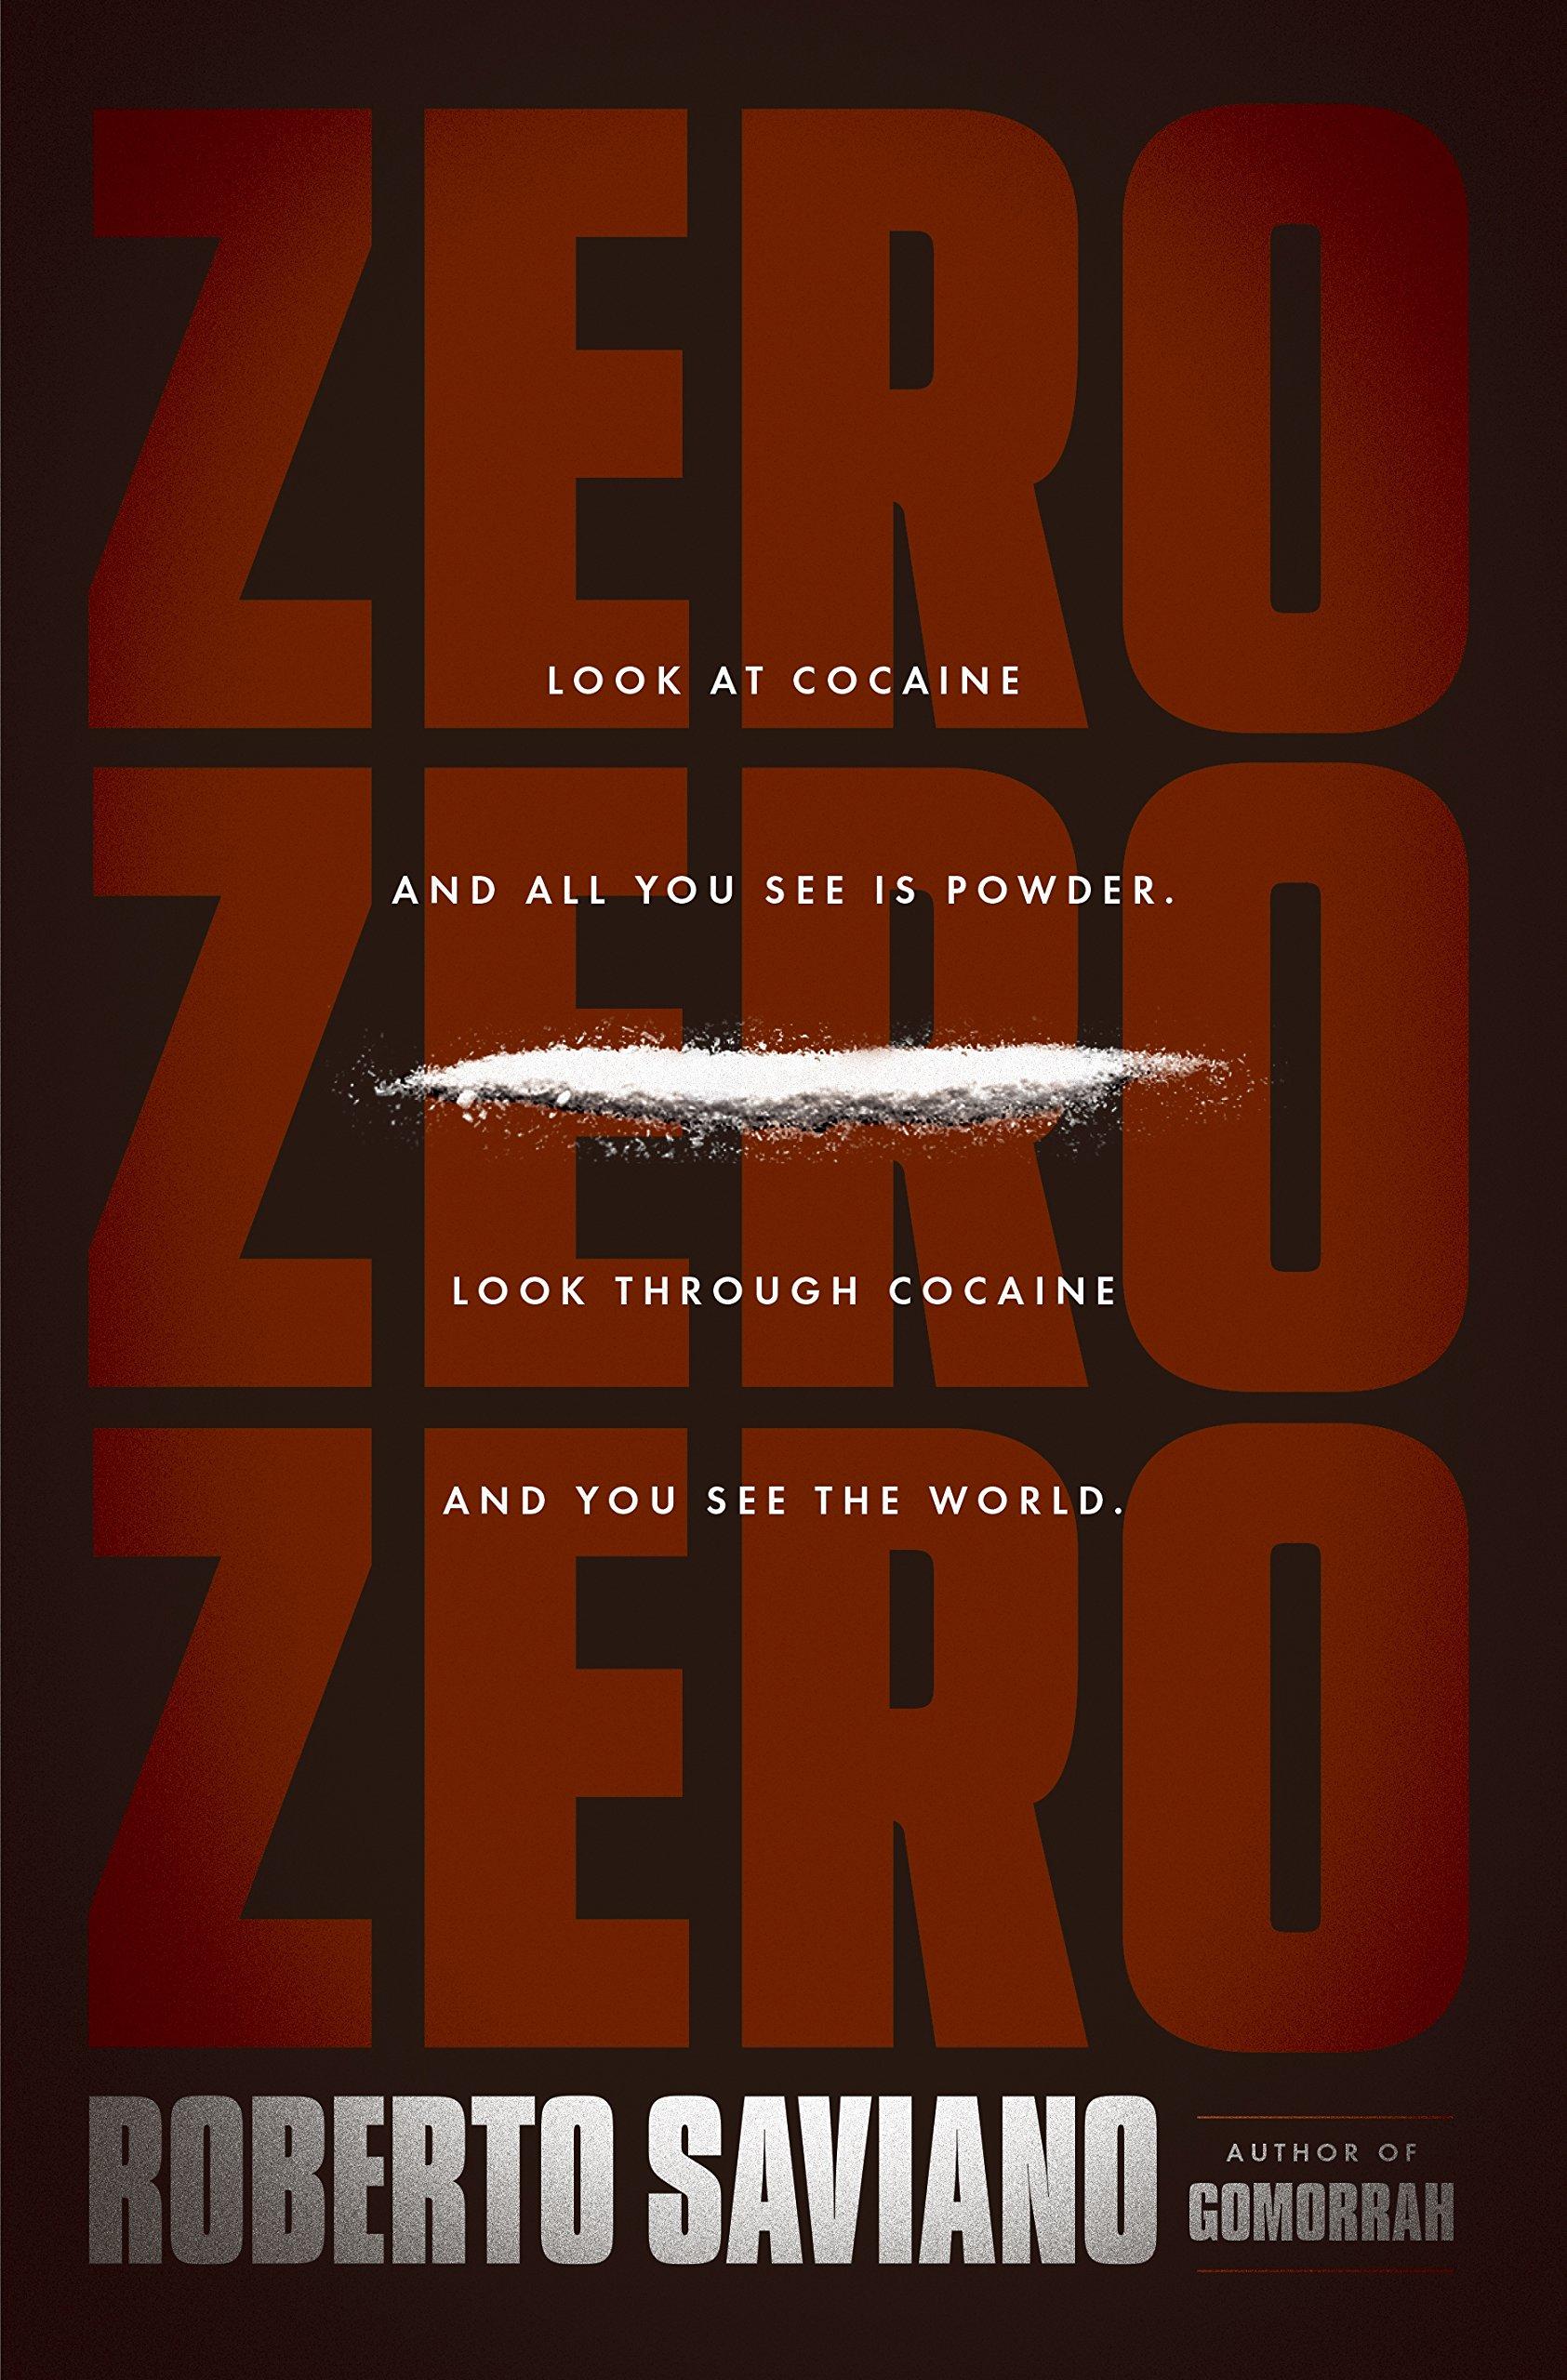 Buy Zero Zero Zero Book Online At Low Prices In India  Zero Zero Zero  Reviews & Ratings  Amazon